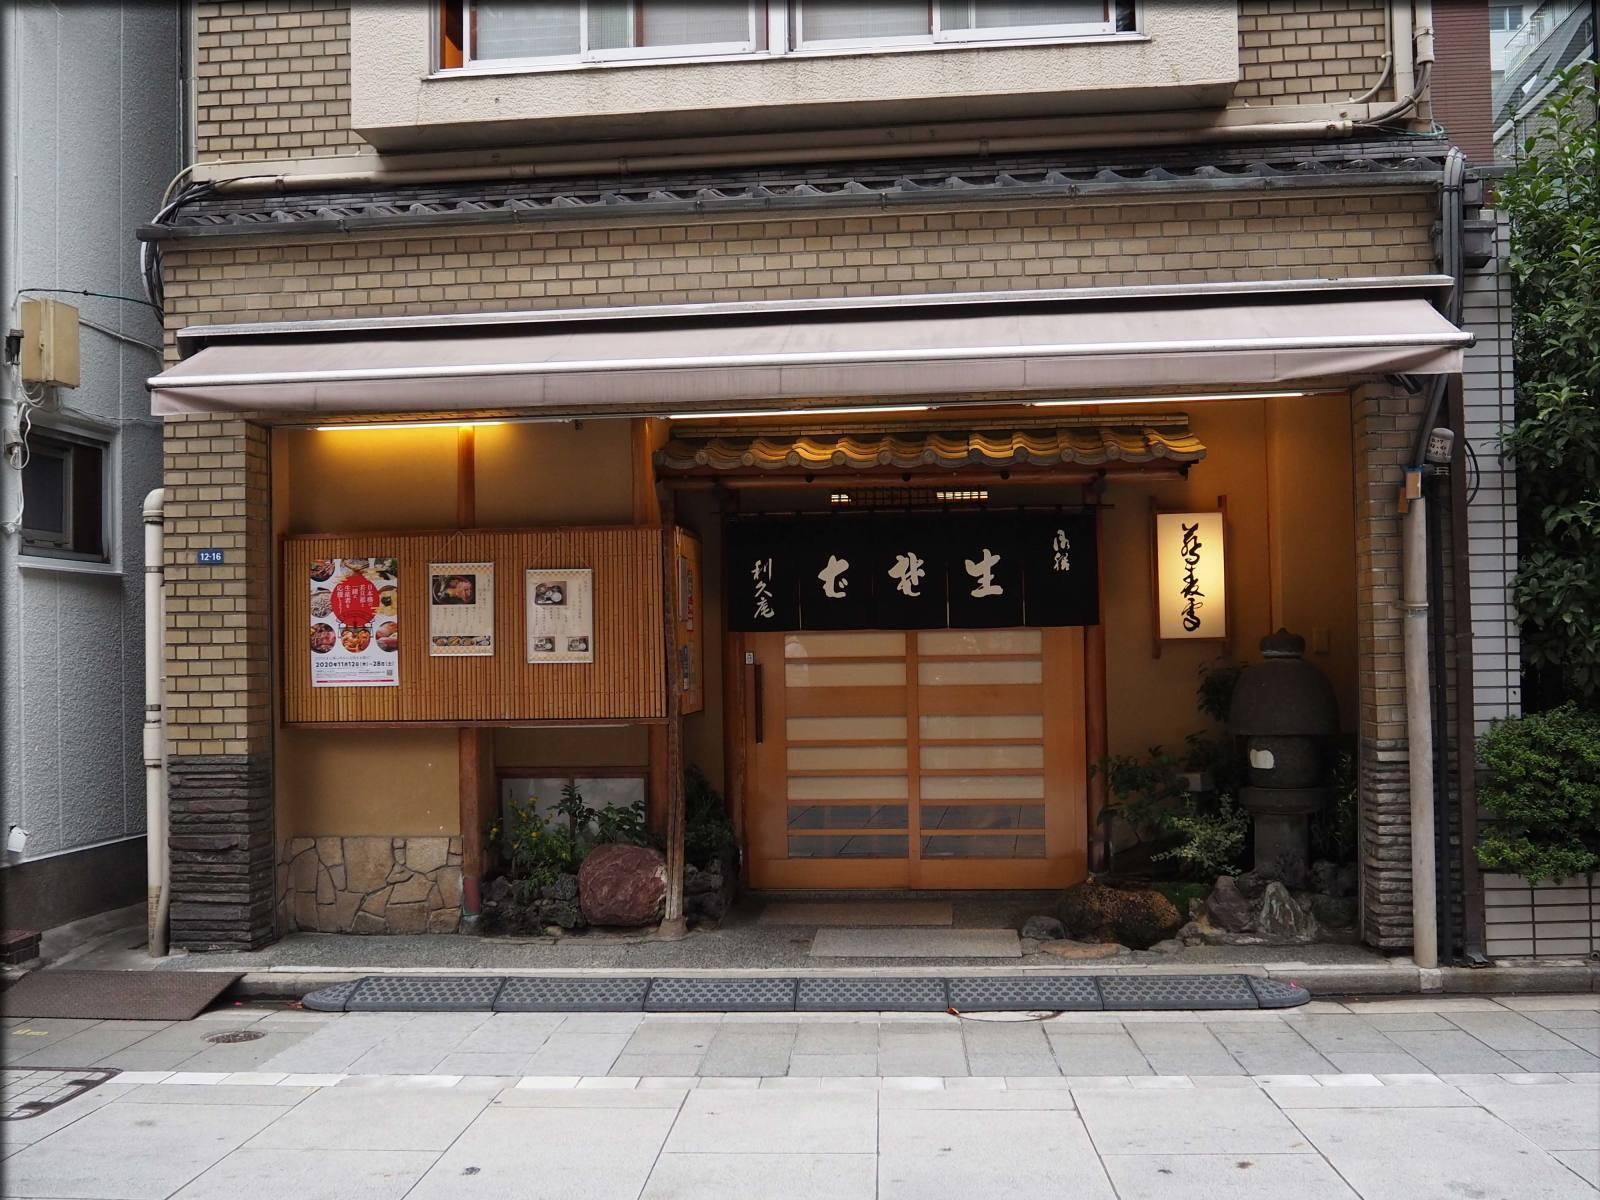 老舗蕎麦処・利久庵で蕎麦@日本橋室町_b0054329_09242349.jpg